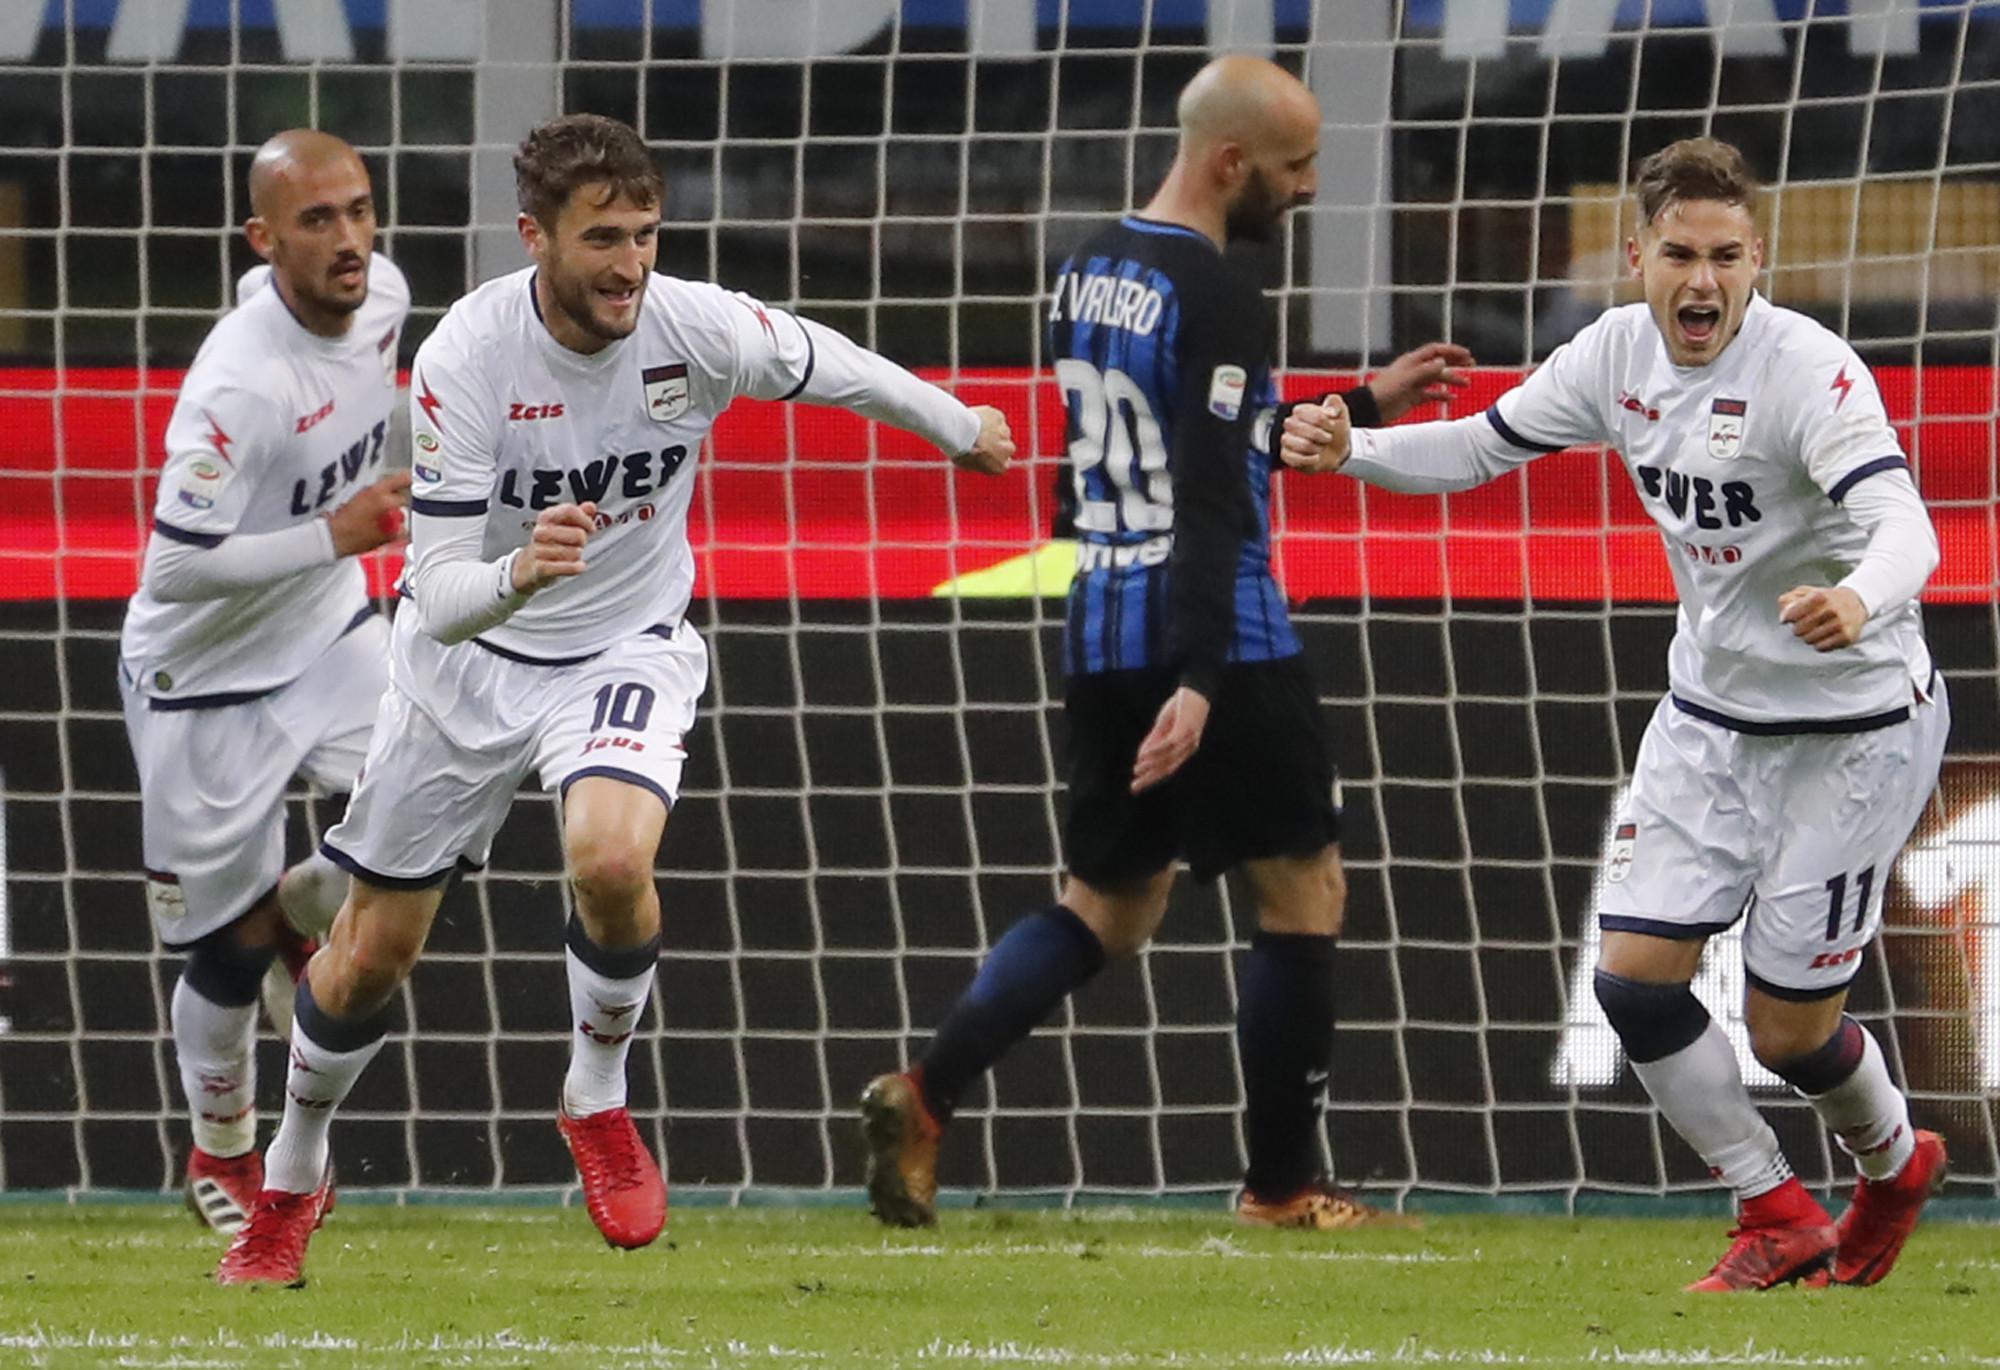 Pemain Crotone, Andrea Barberis, merayakan gol ke gawang  Inter Milan pada  pertandingan lanjutan  Serie A, di Giuseppe Meazza, Minggu (4/2/2018) dini hari WIB. (AP/Antonio Calanni).